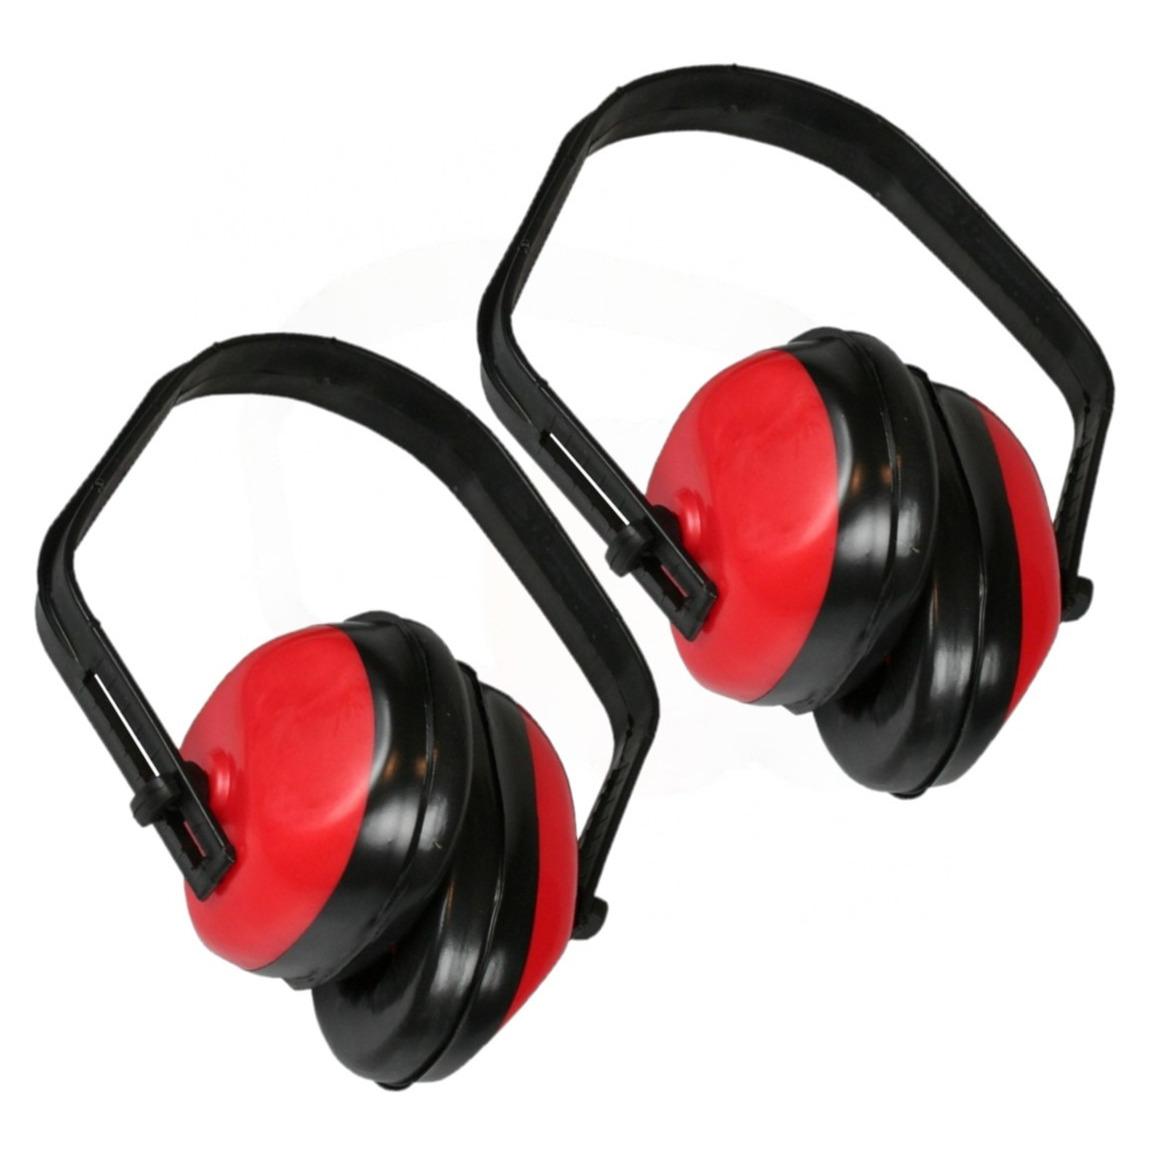 Pakket van 8x stuks gehoorbeschermers rood met CE keurmerk -